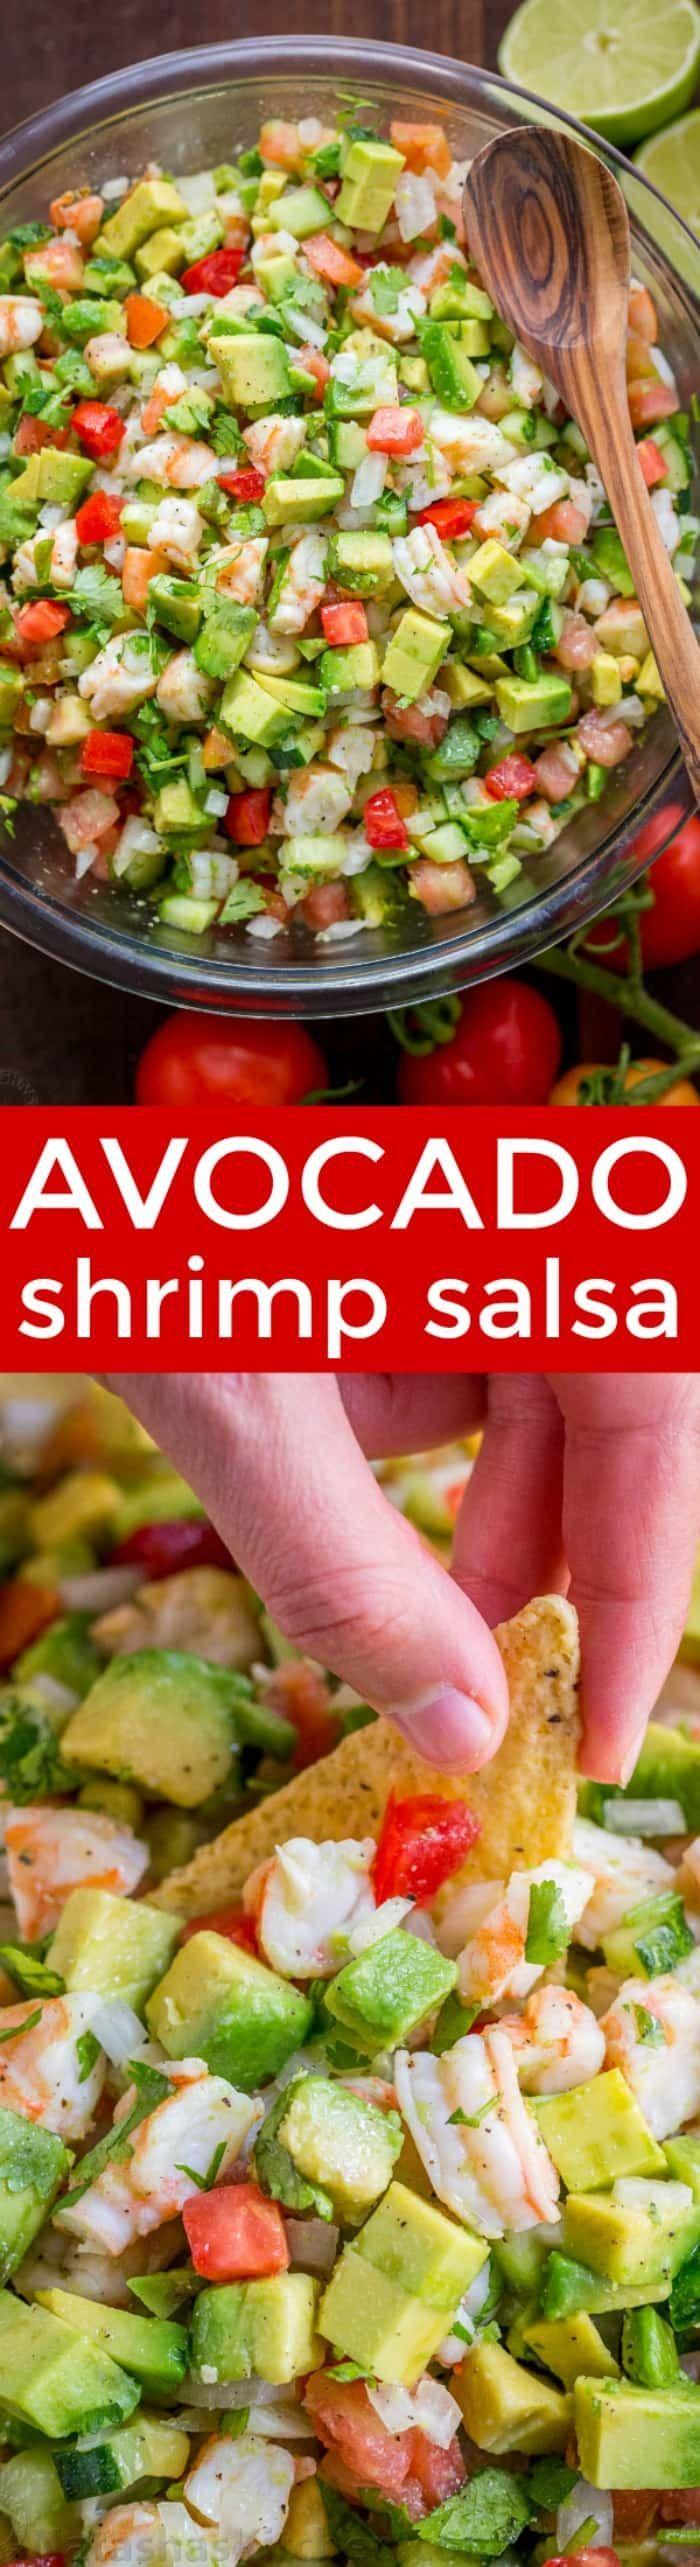 This Avocado Shrimp Salsa is a party favorite! Loaded with shrimp, avocado and a surprising ingredient! Easy, excellent avocado shrimp salsa video recipe. | natashaskitchen.com